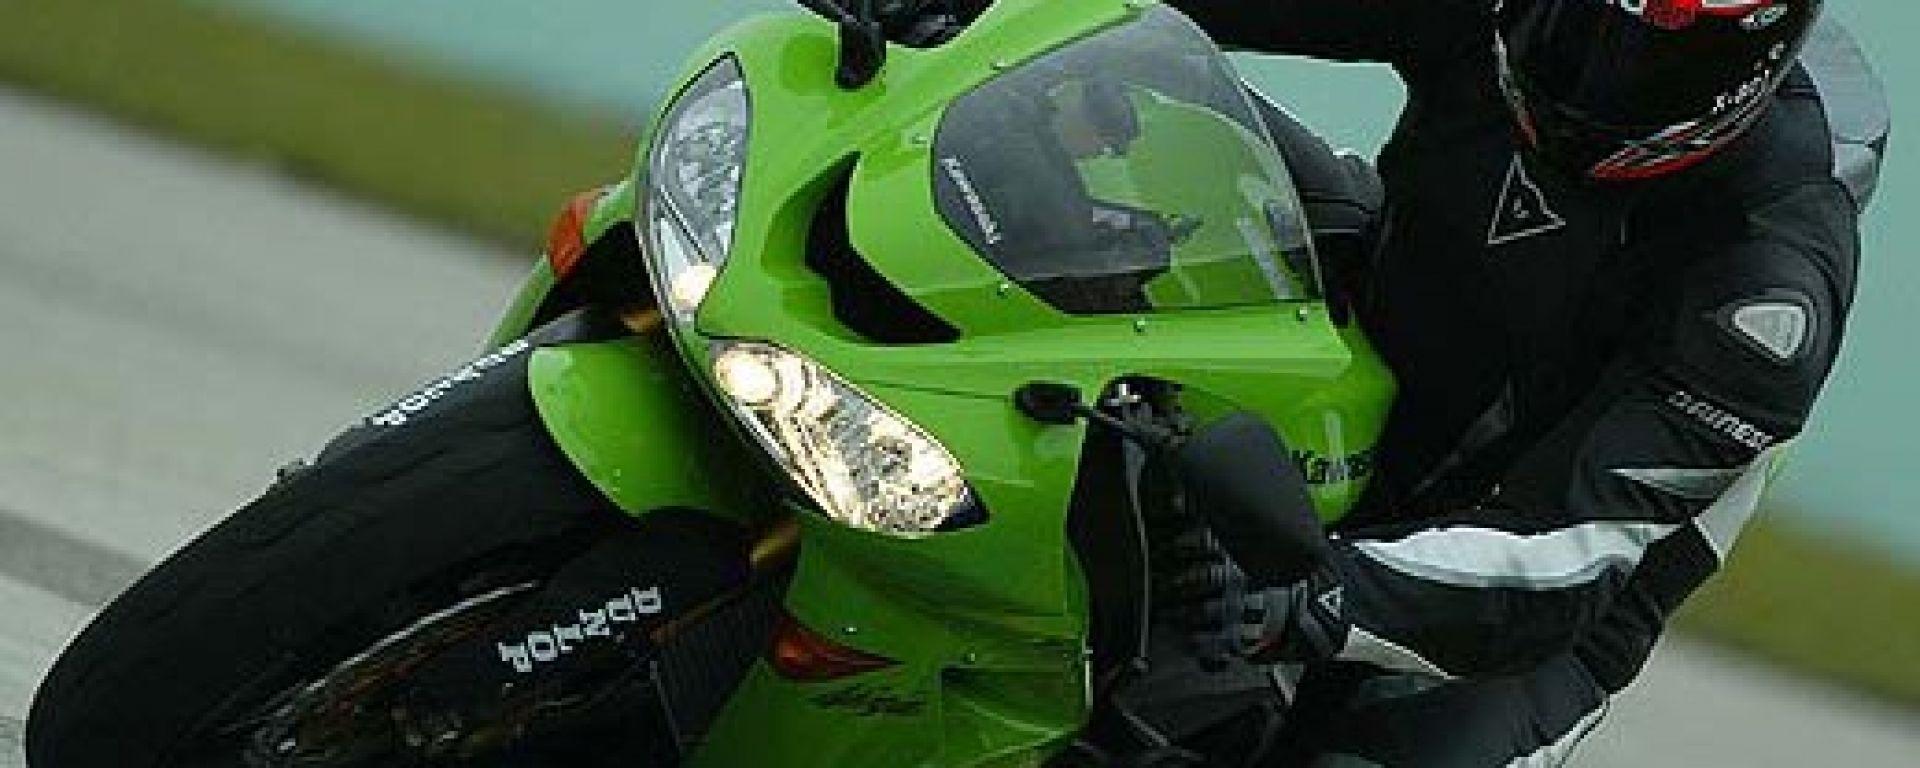 Honda CBR 1000 RR vs Kawasaki ZX-10R: primo confronto